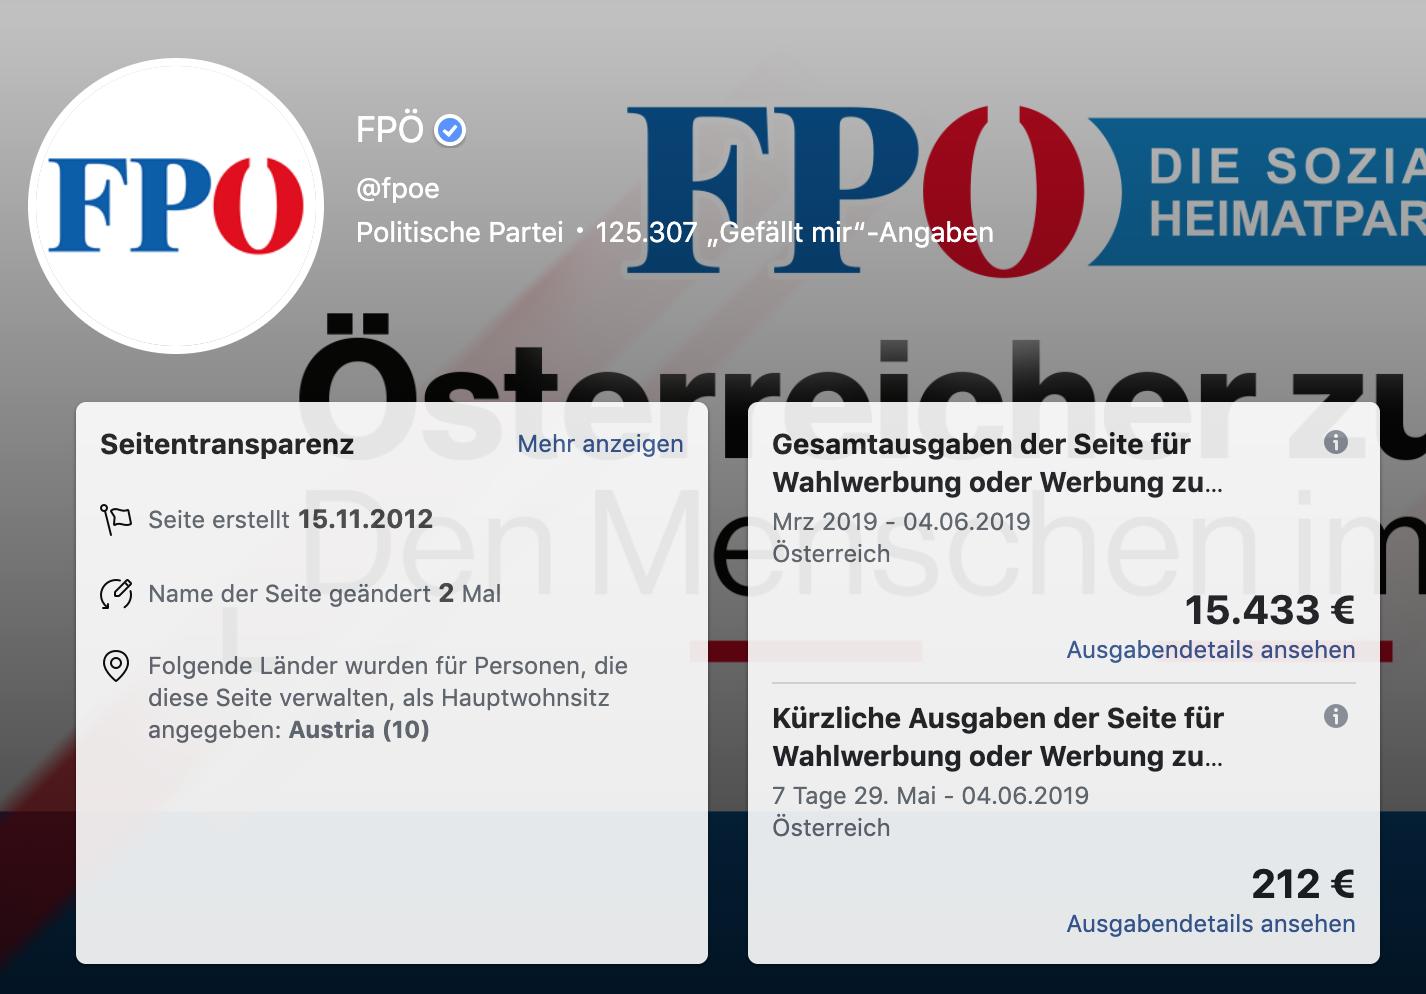 FB-Seite FPÖ – Werbegelder: Die FPÖ investierte in den vergangenen 2 Monaten in die Parteiseite annähernd so viel wie in Straches FB-Seite